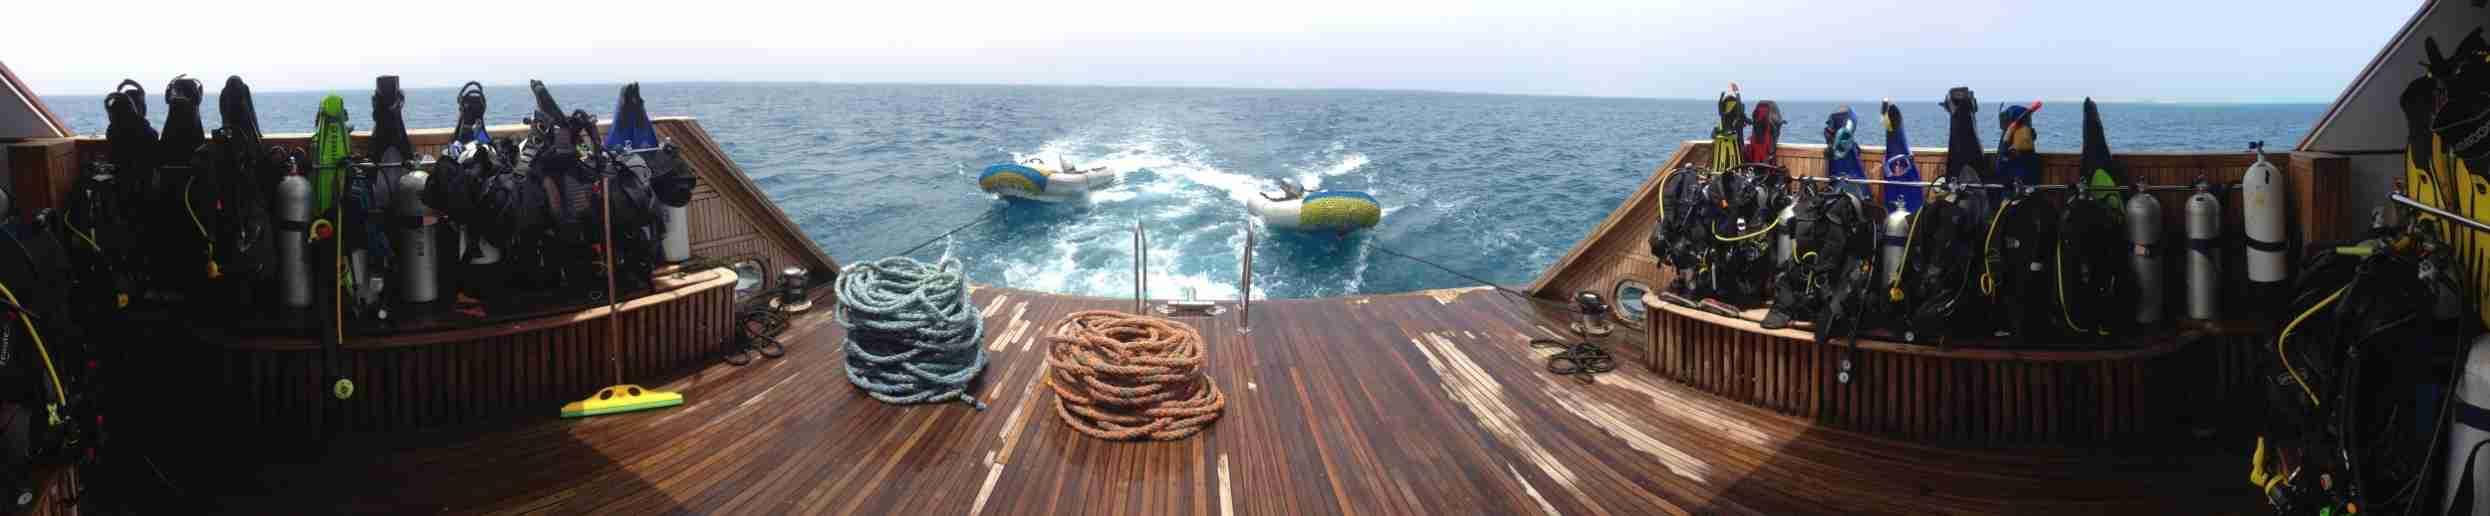 Фотография деки яхты